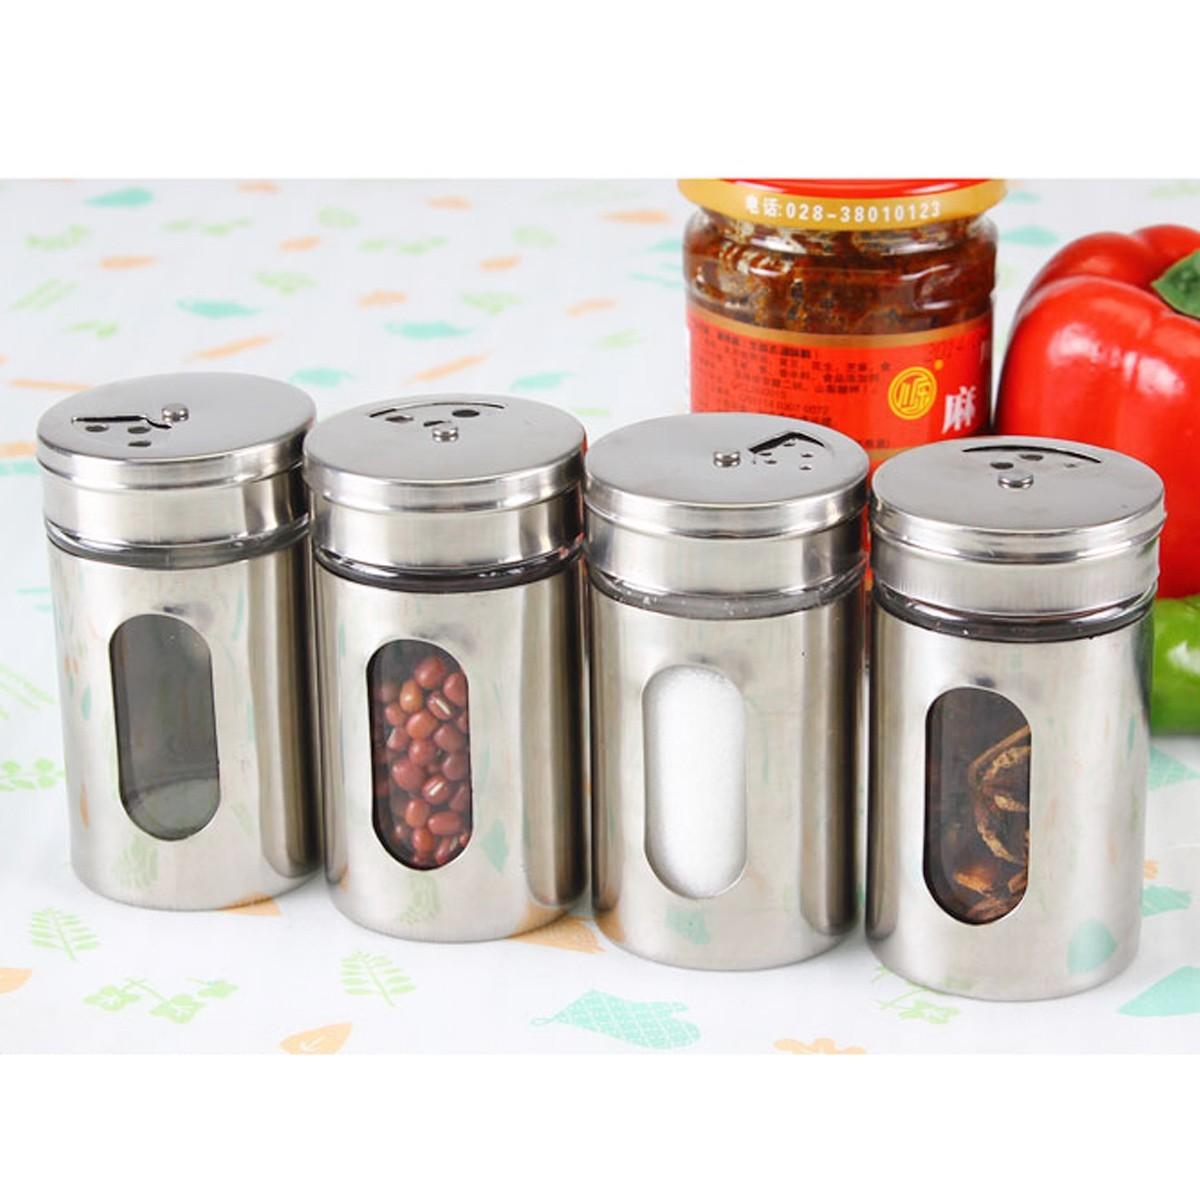 100 Ml Stainless Steel Kaca Spice Shaker Jar Adjustable Top Herbs Salt Lada -Internasional